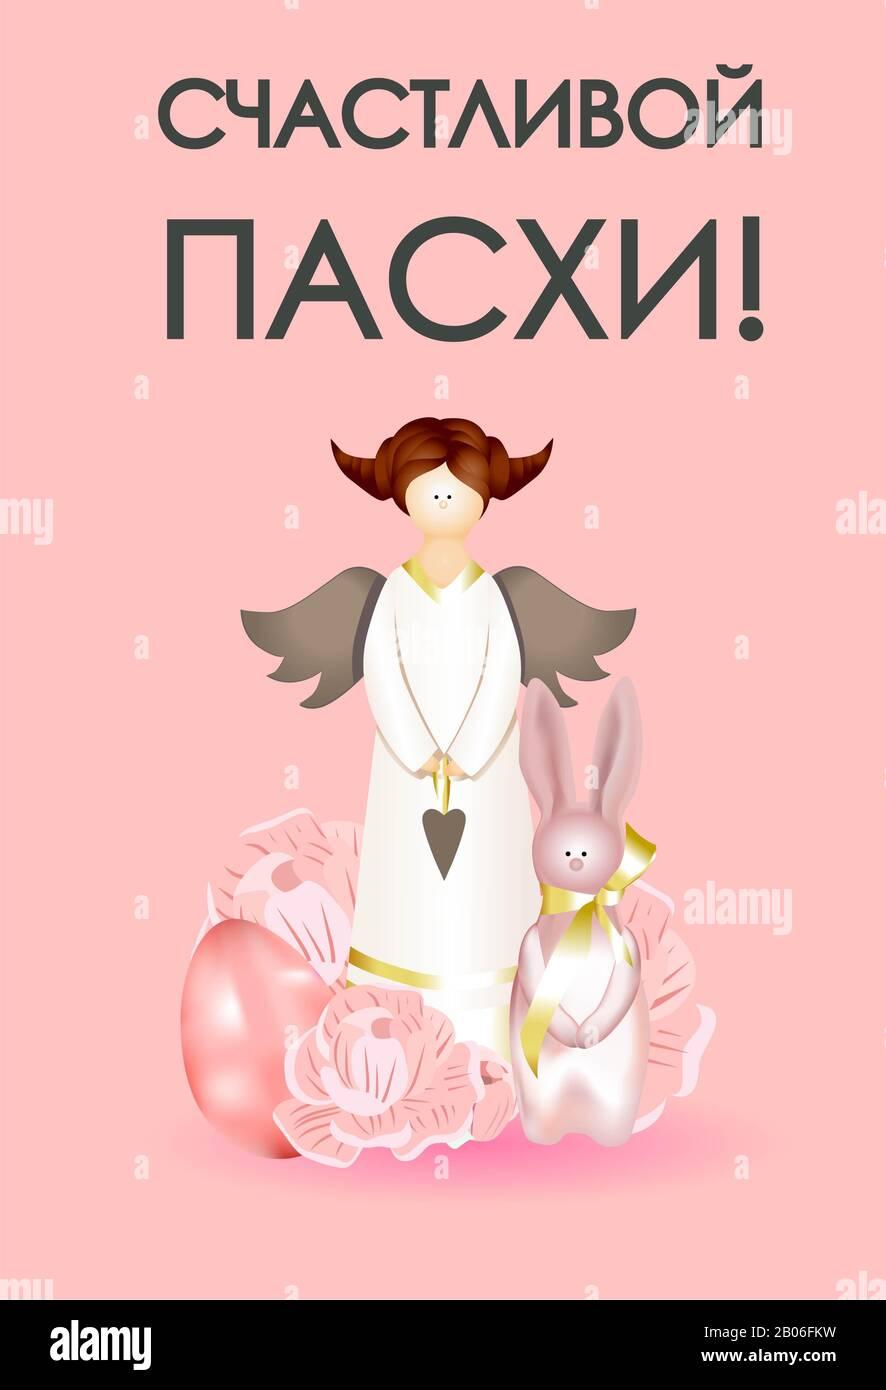 Ostern auf russisch